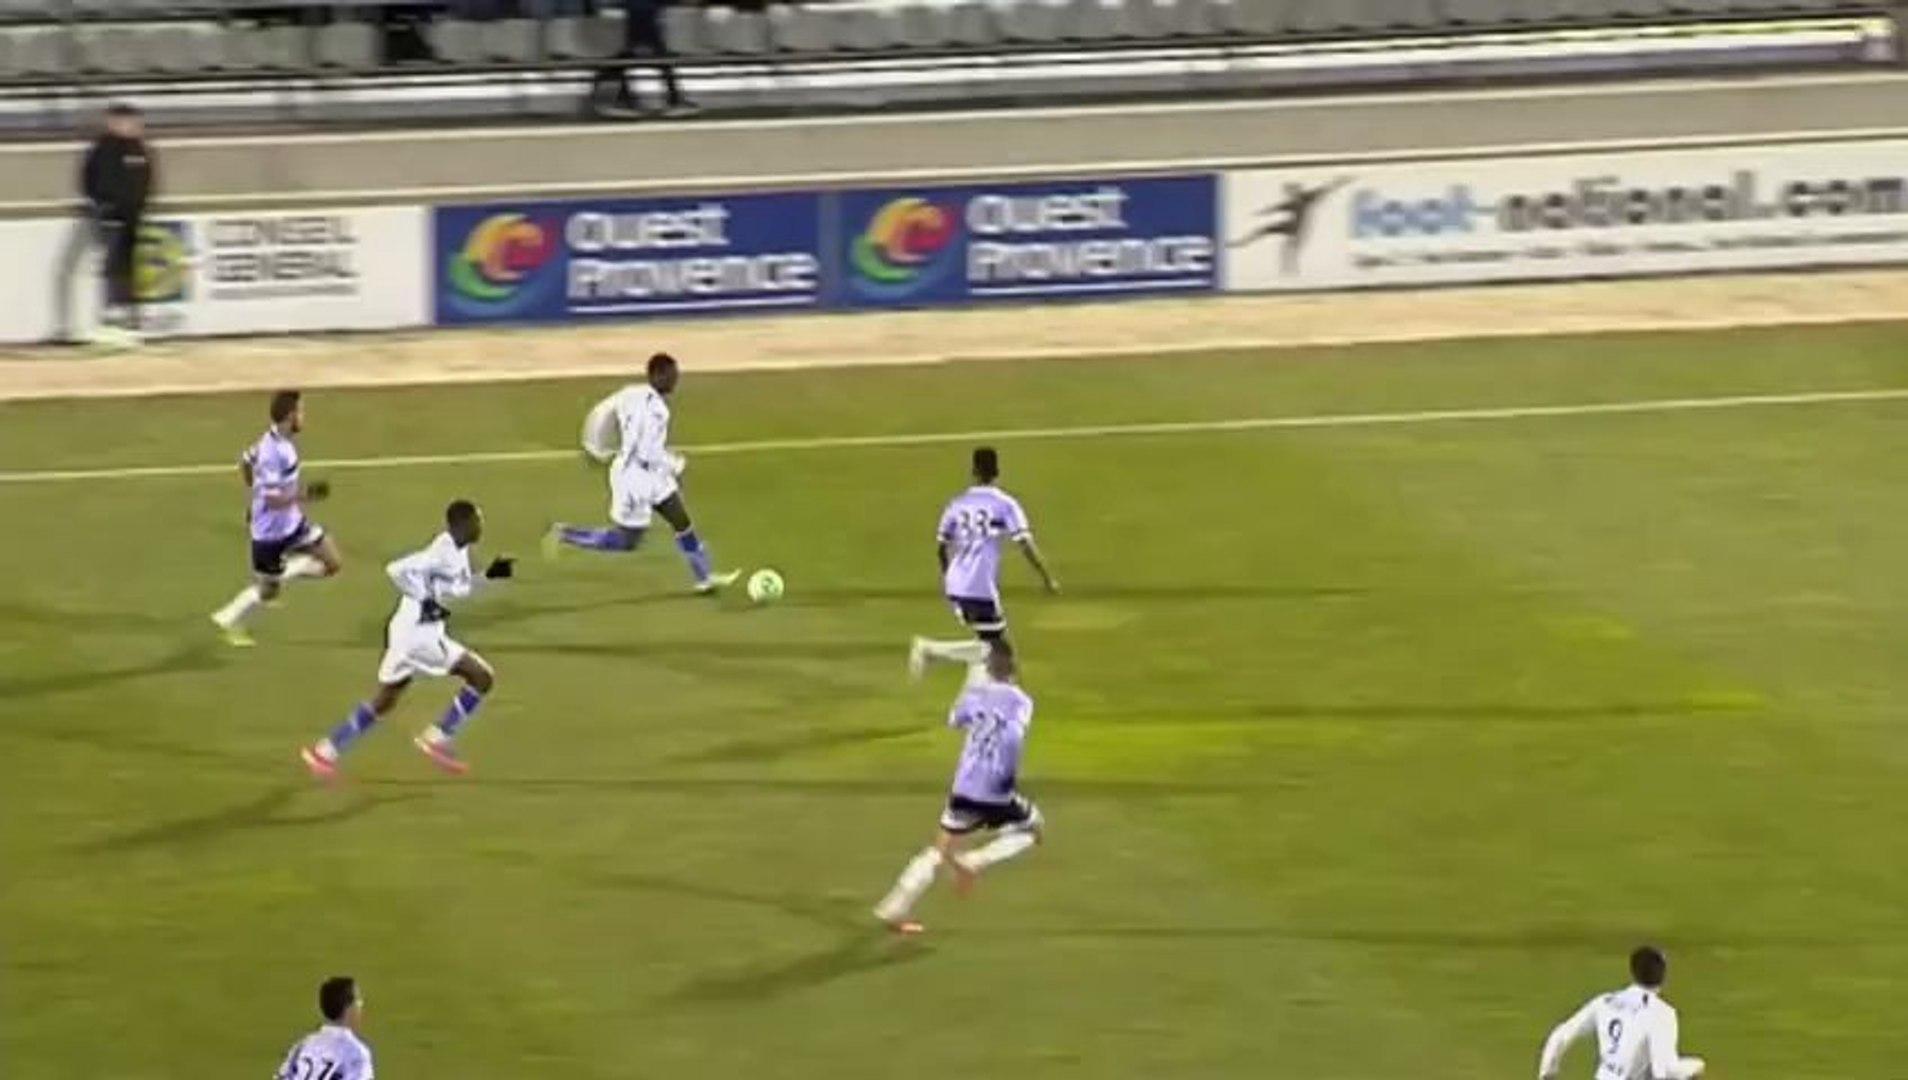 FC Istres (FCIOP) - AJ Auxerre (AJA) Le résumé du match (25ème journée) - saison 2012/2013